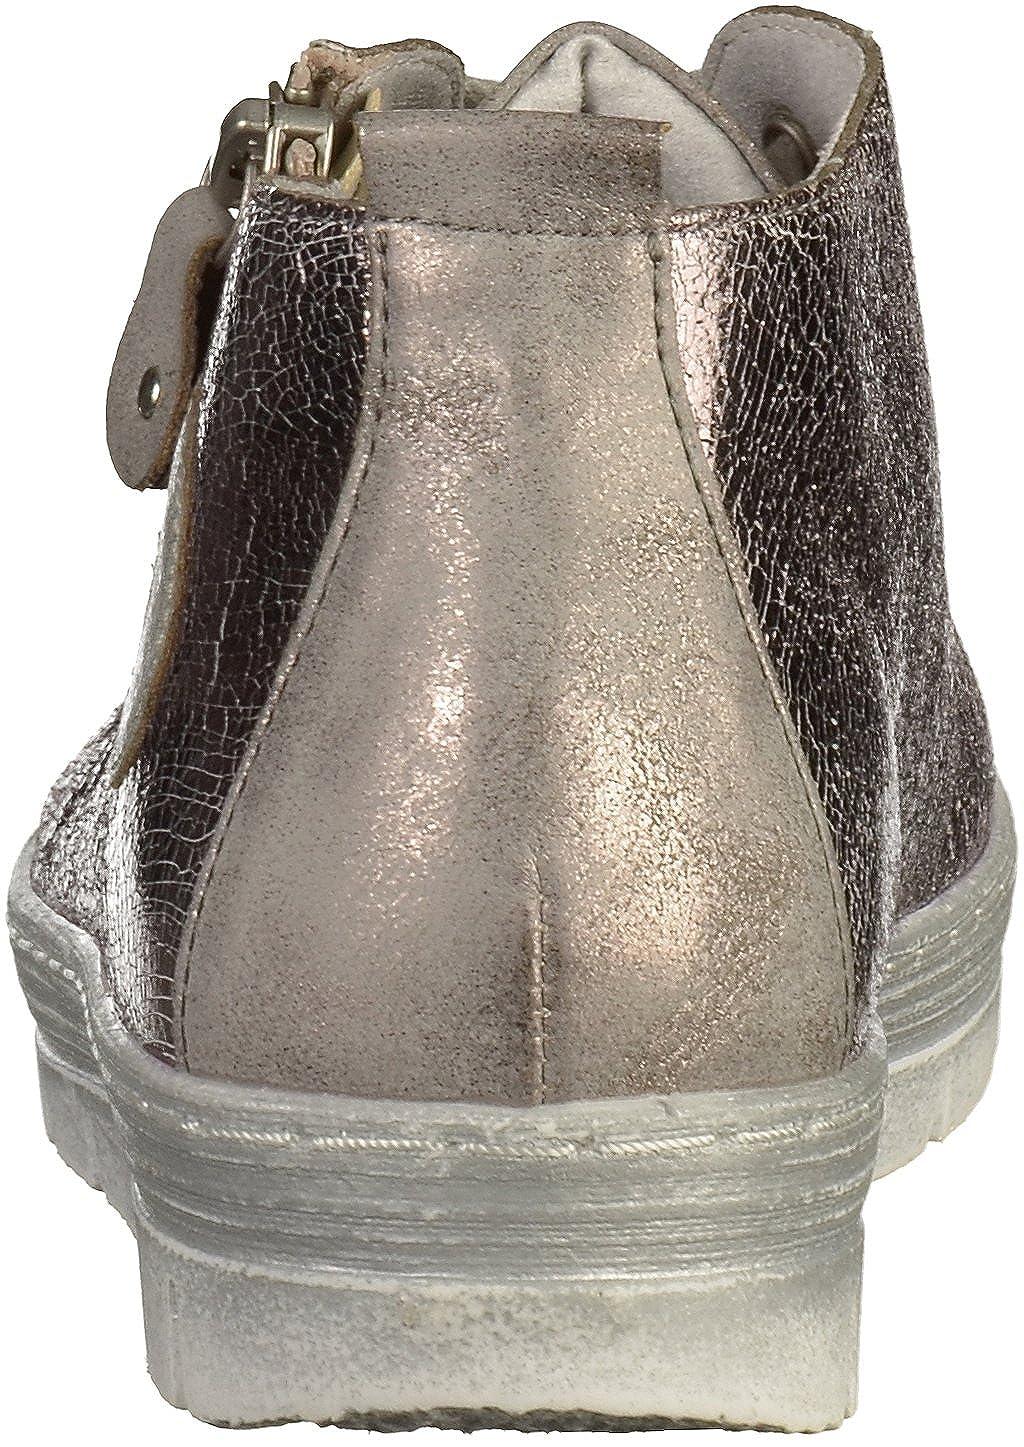 Chaussures et femmes Baskets Remonte Sacs D5870 q4STxO7wfw